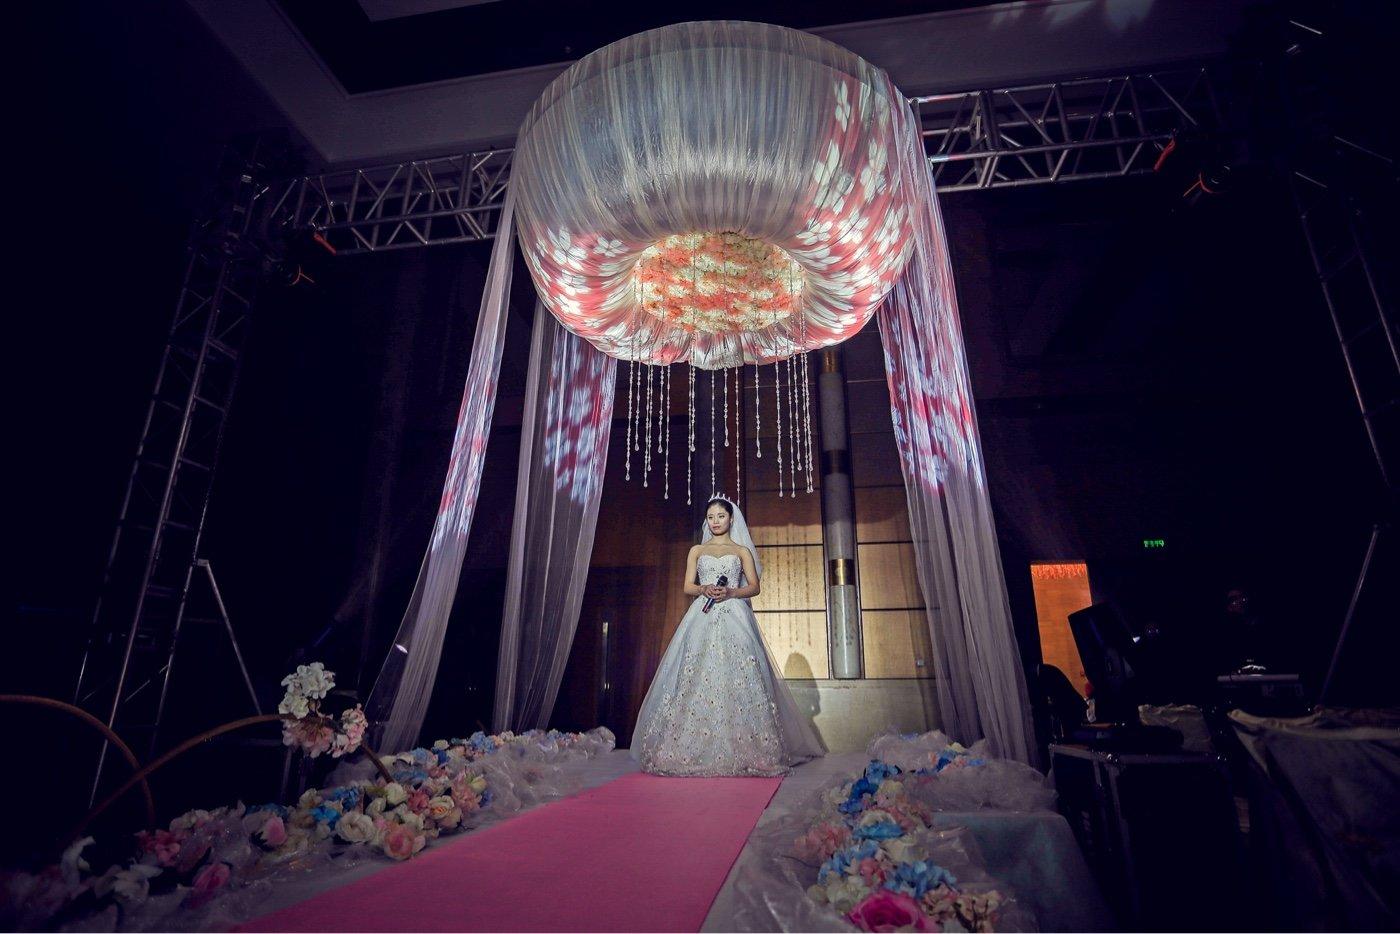 「Fantasy Wedding」&滨湖世纪金源酒店4